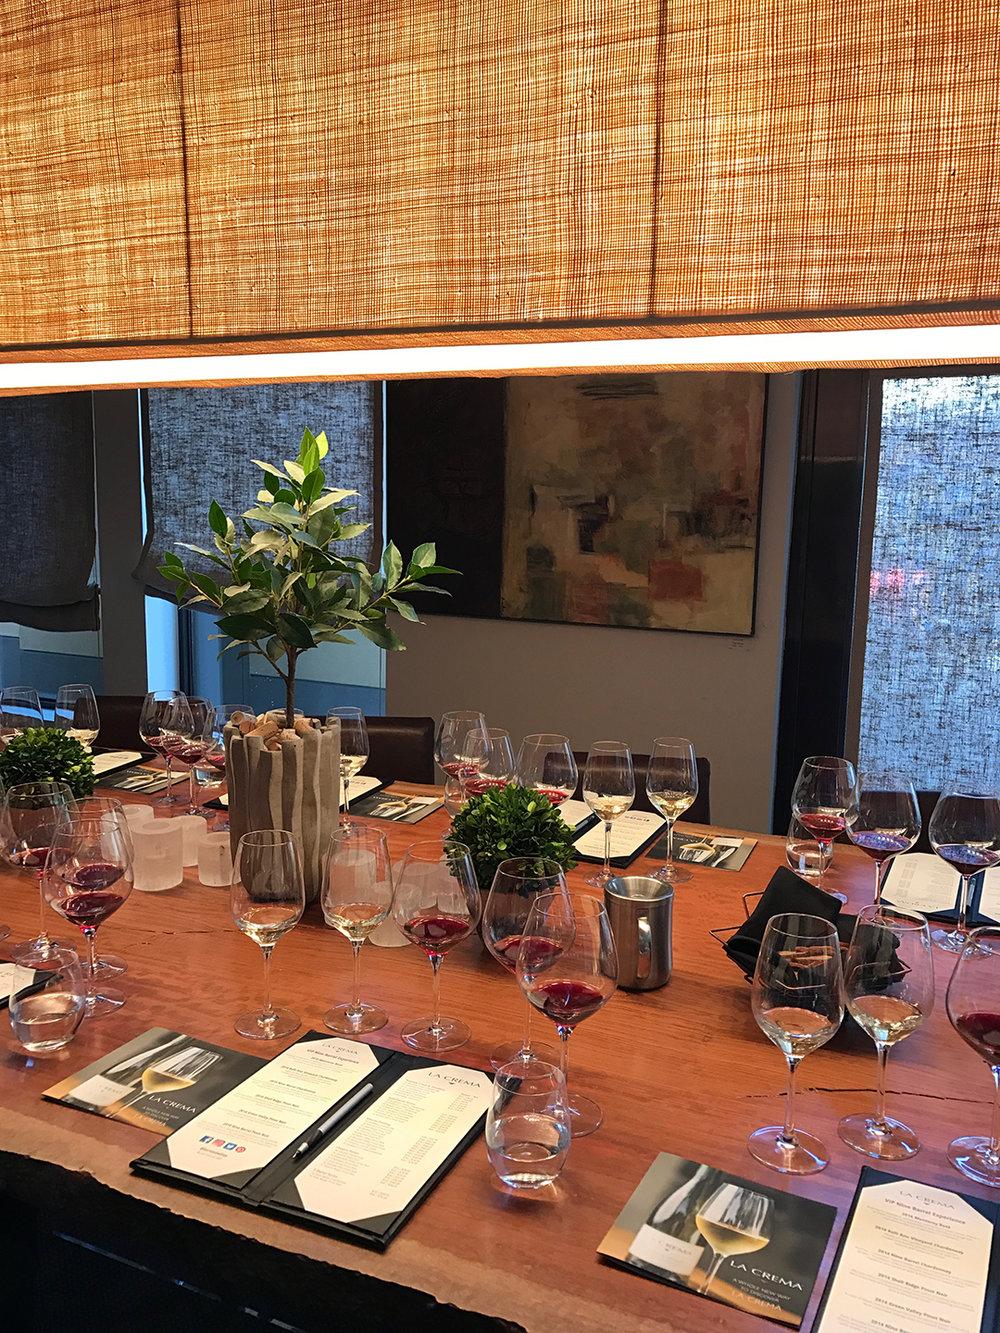 La Crema Wines Tasting Room Healdsburg